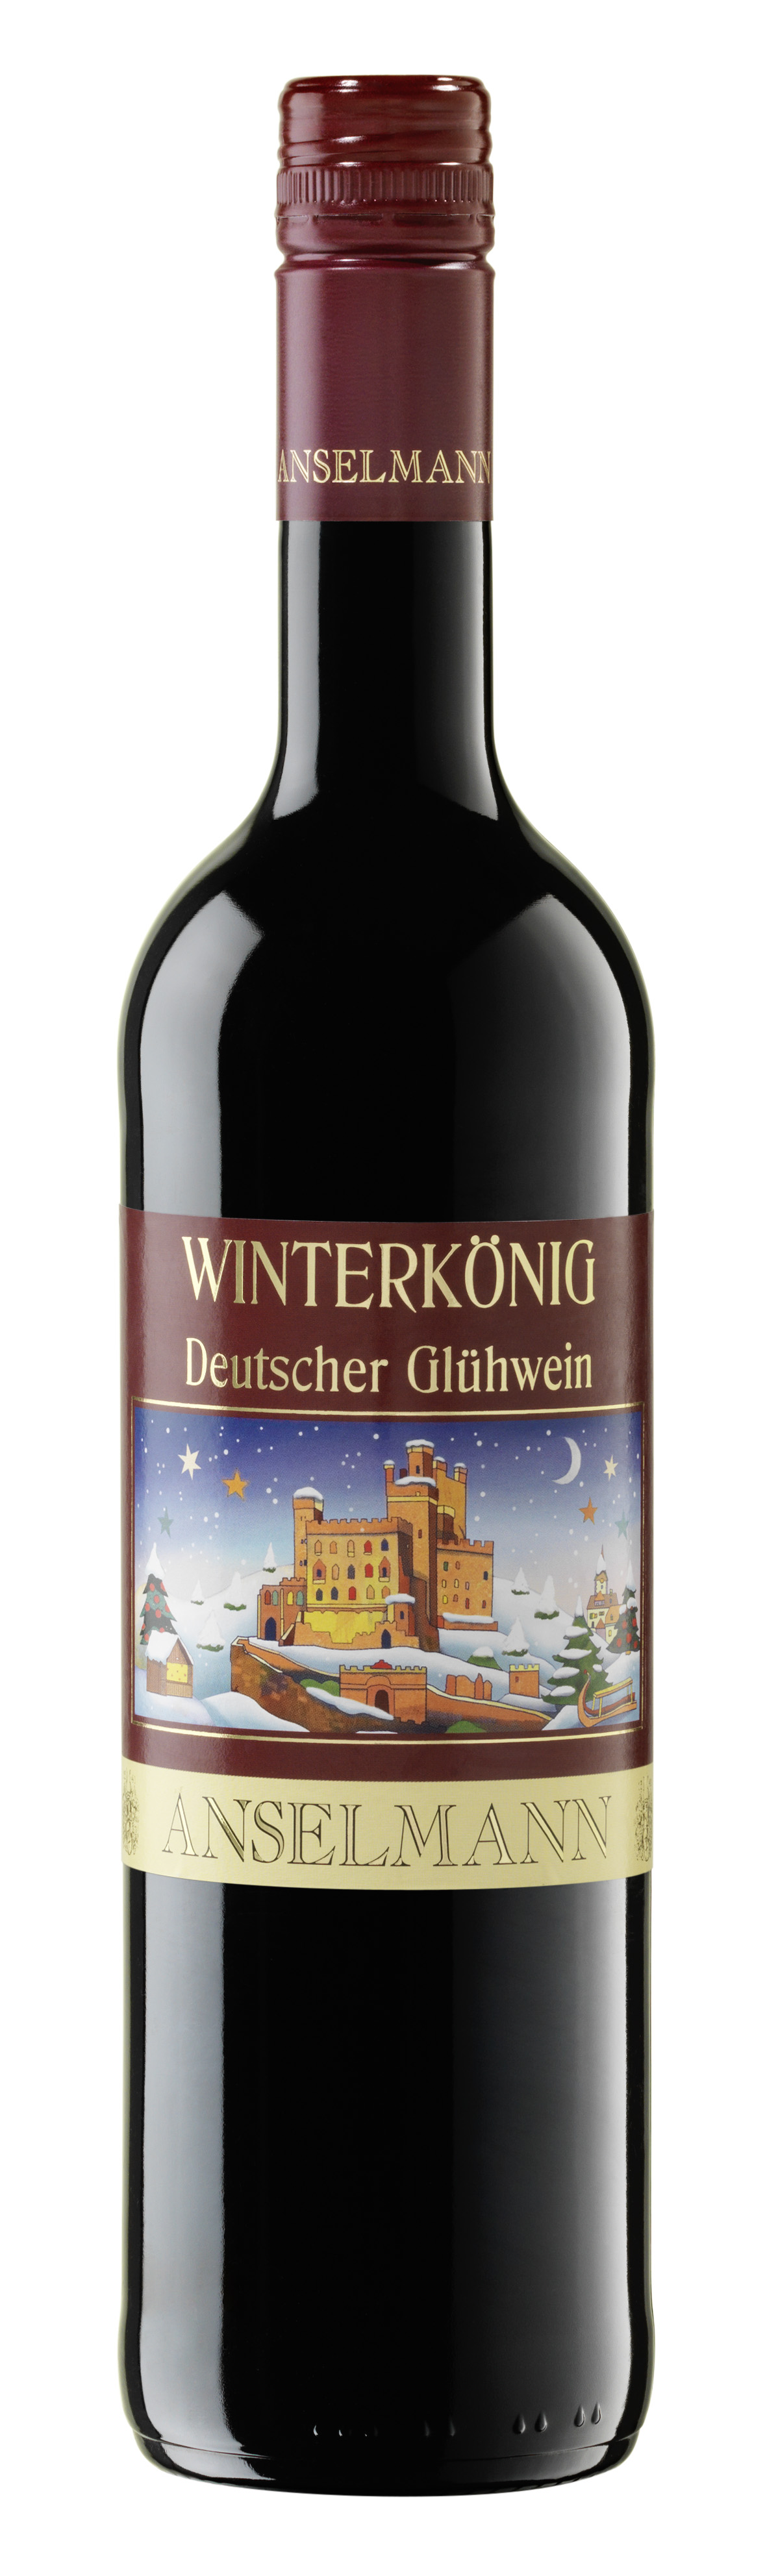 Winterkönig - Glühwein aus Dornfelder